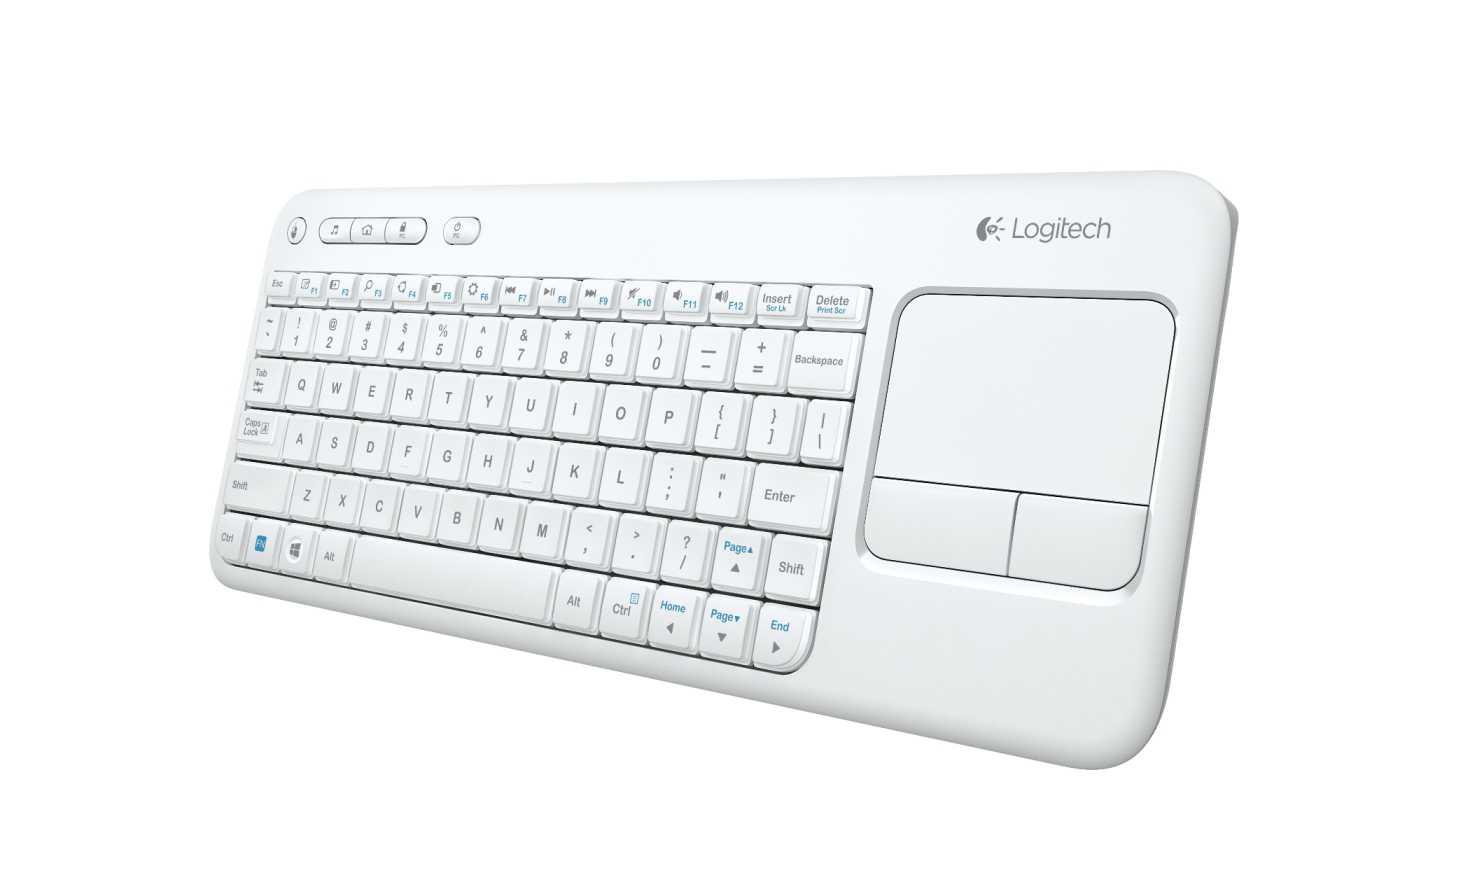 Nuova Logitech Wireless Touch Keyboard K400